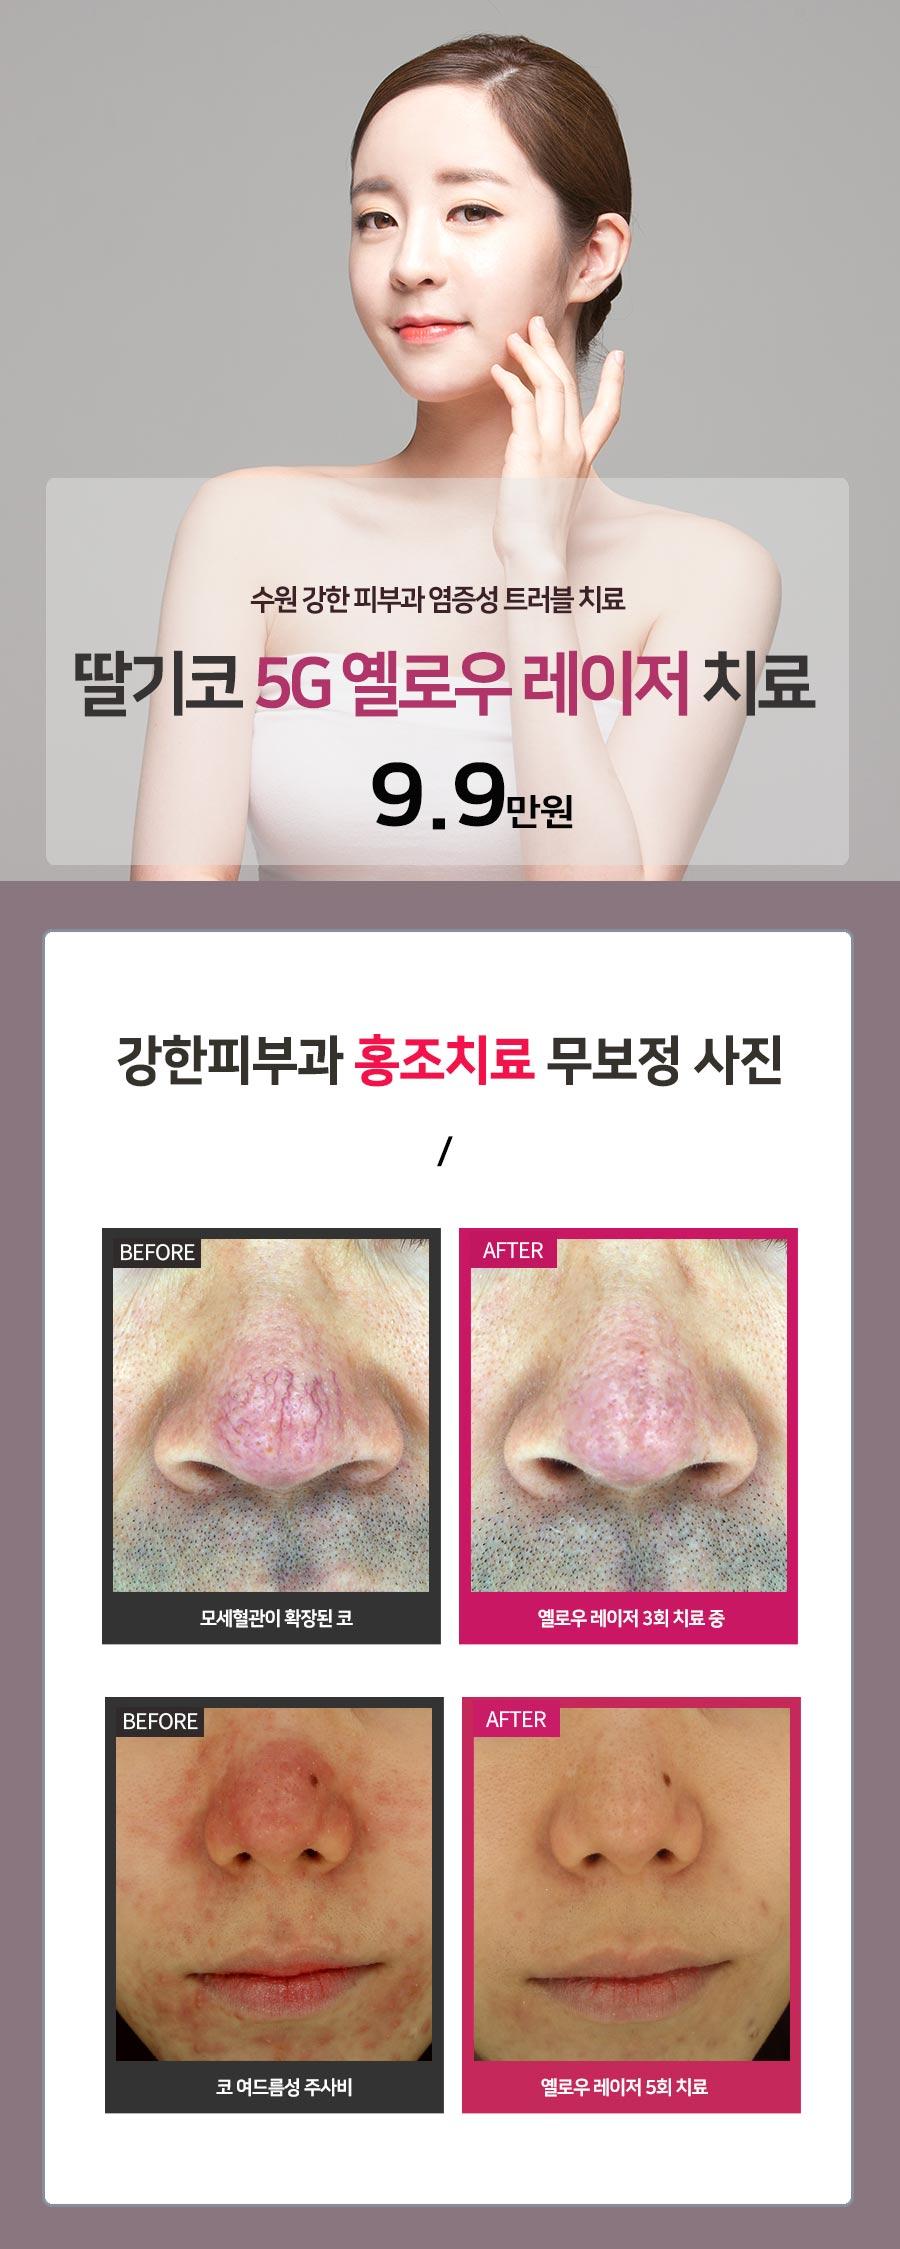 수원 딸기코 치료